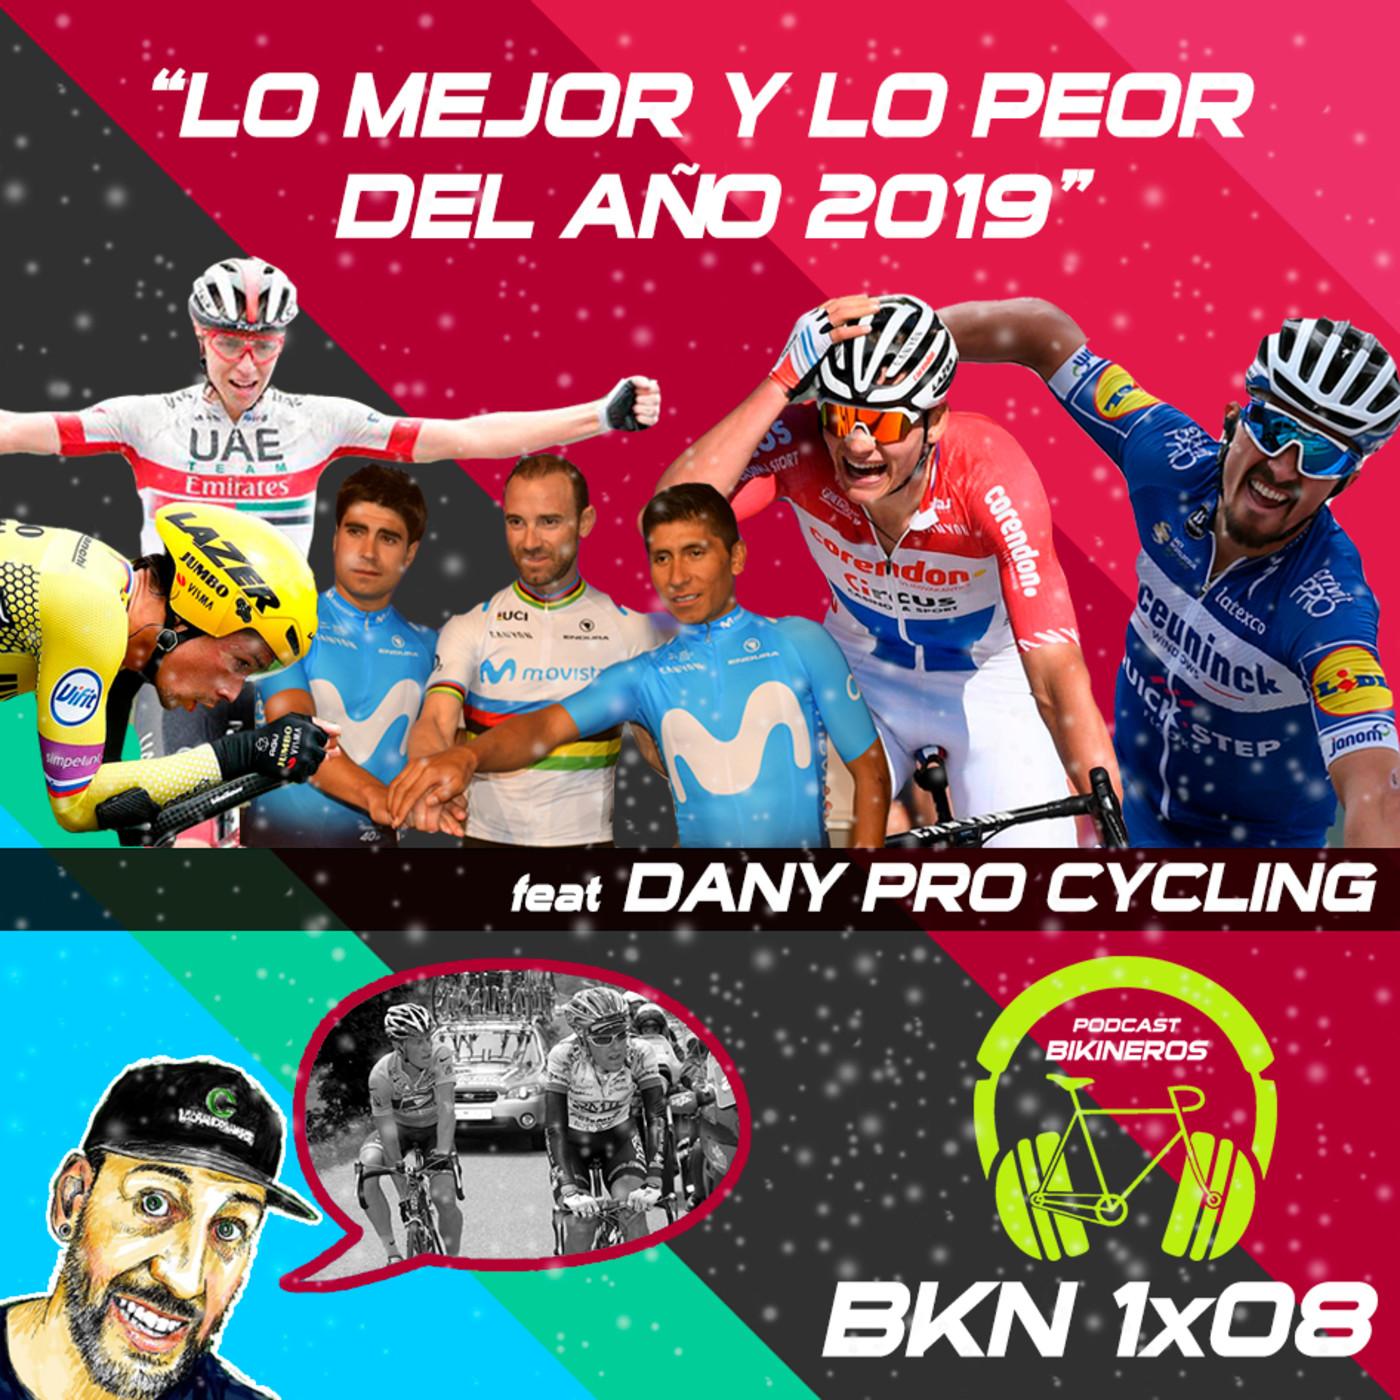 BKN 1x08: Lo MEJOR y lo PEOR del ciclismo profesional 2019 y desvaríos para todos gustos y colores